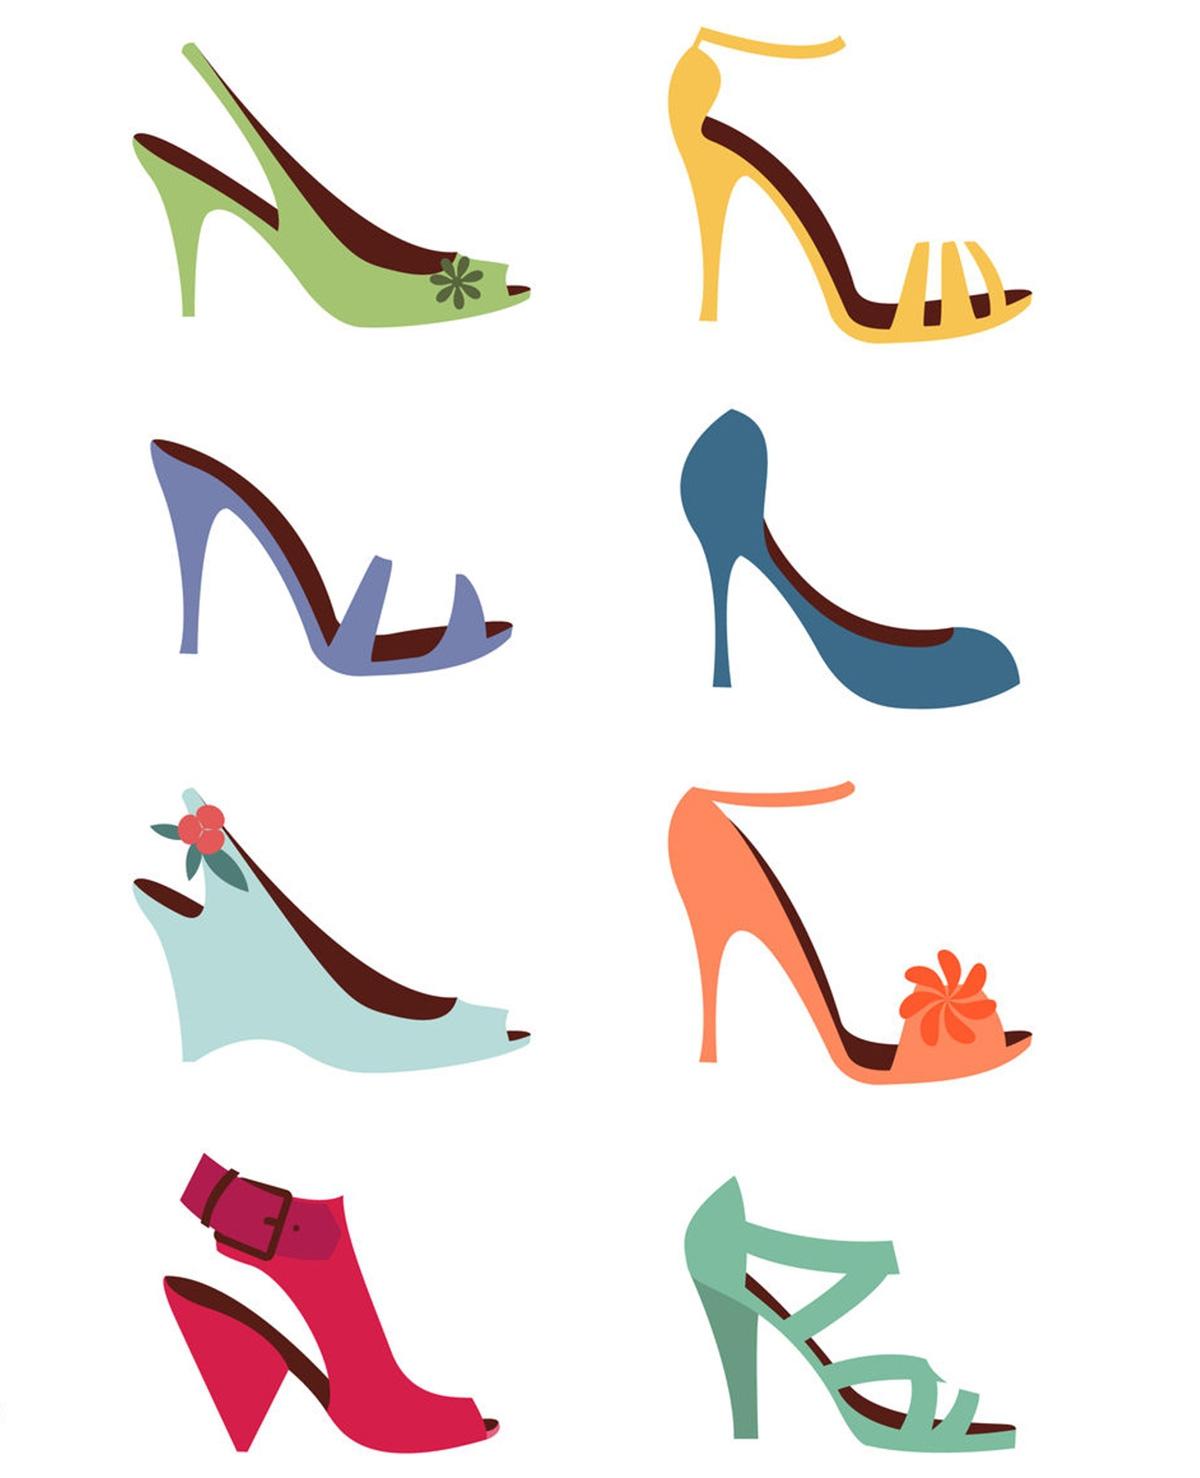 Te kleine schoenen gekocht? Een zakje water doet wonderen!